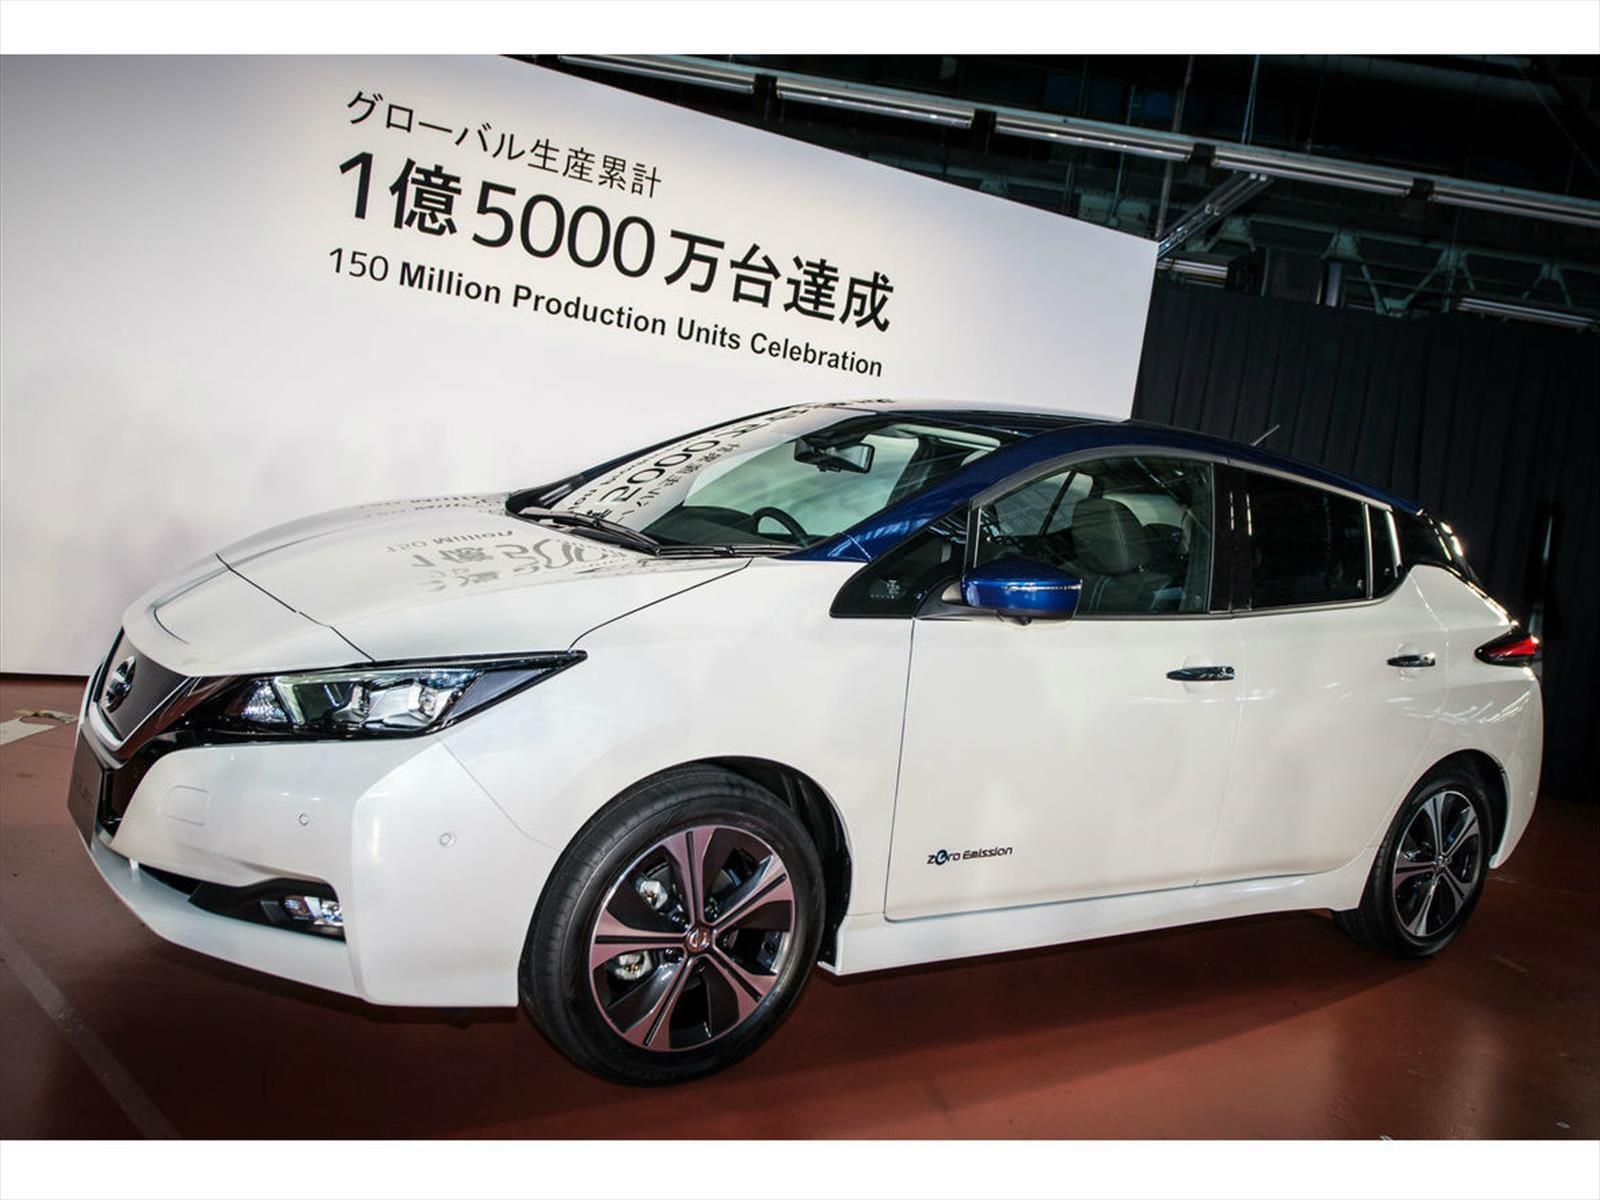 Nissan supera los 150 millones de vehículos producidos a nivel global